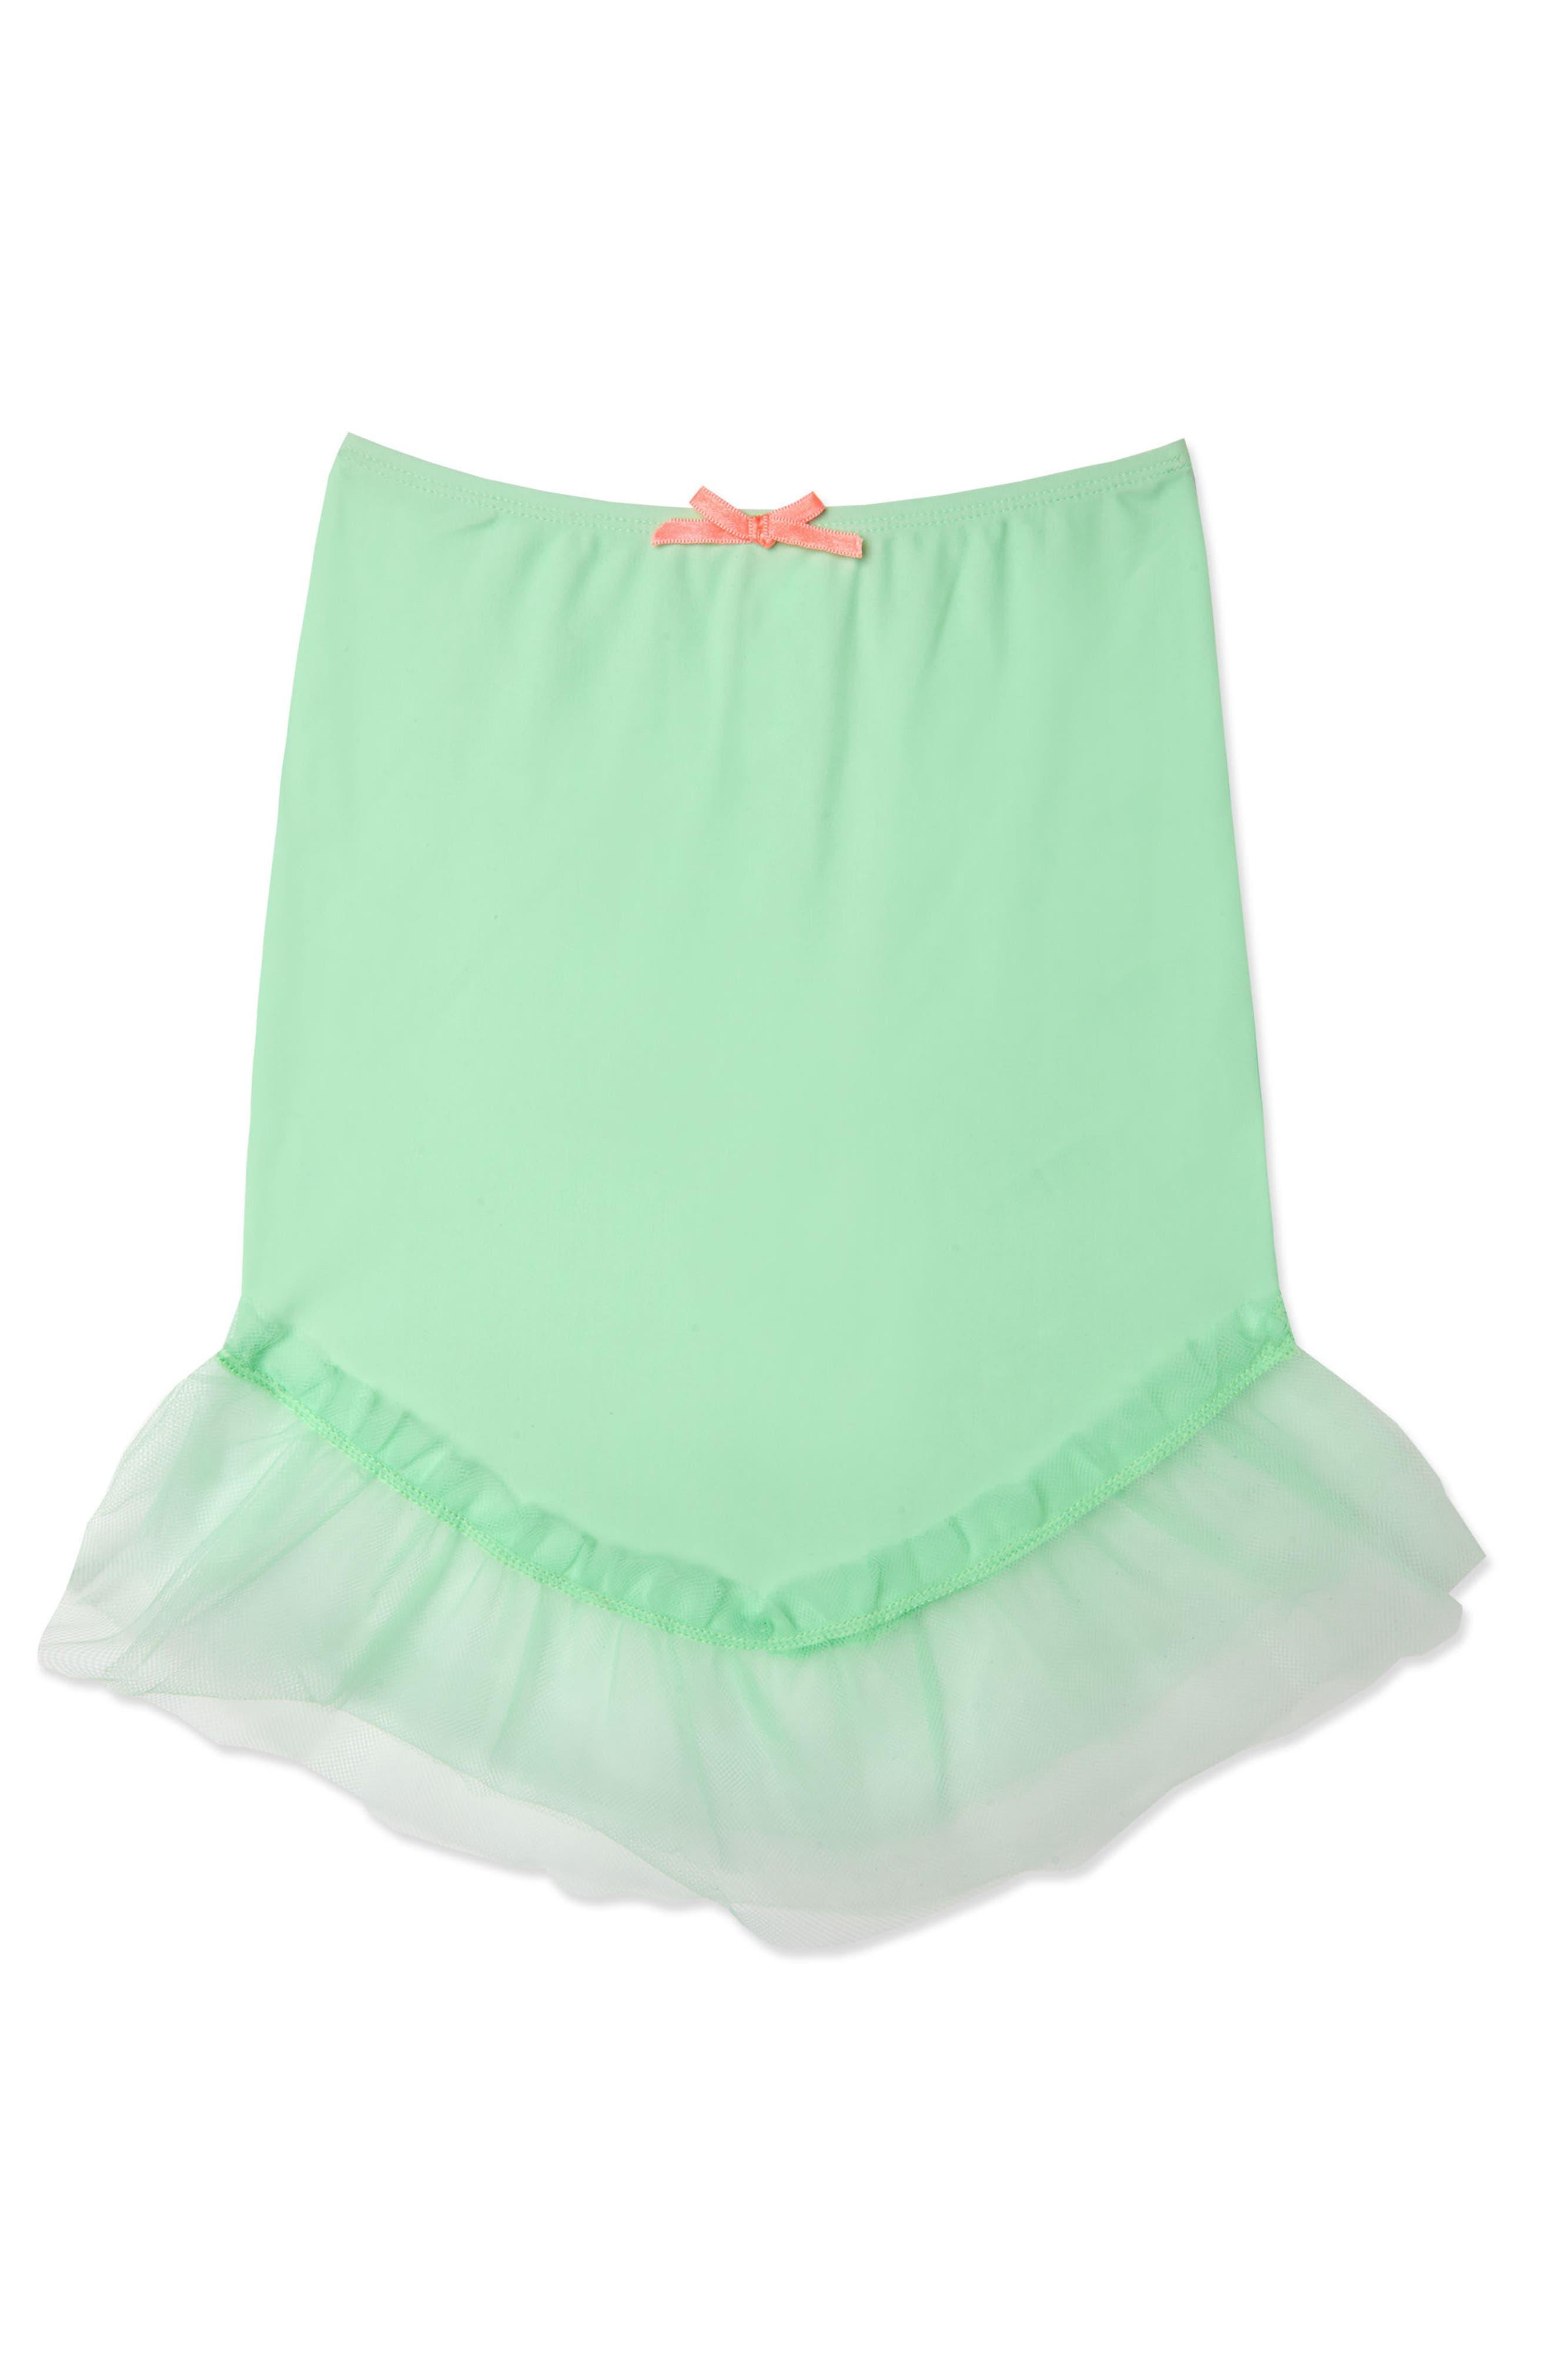 Main Image - Hula Star Mermaid Cover-Up Skirt (Toddler Girls & Little Girls)